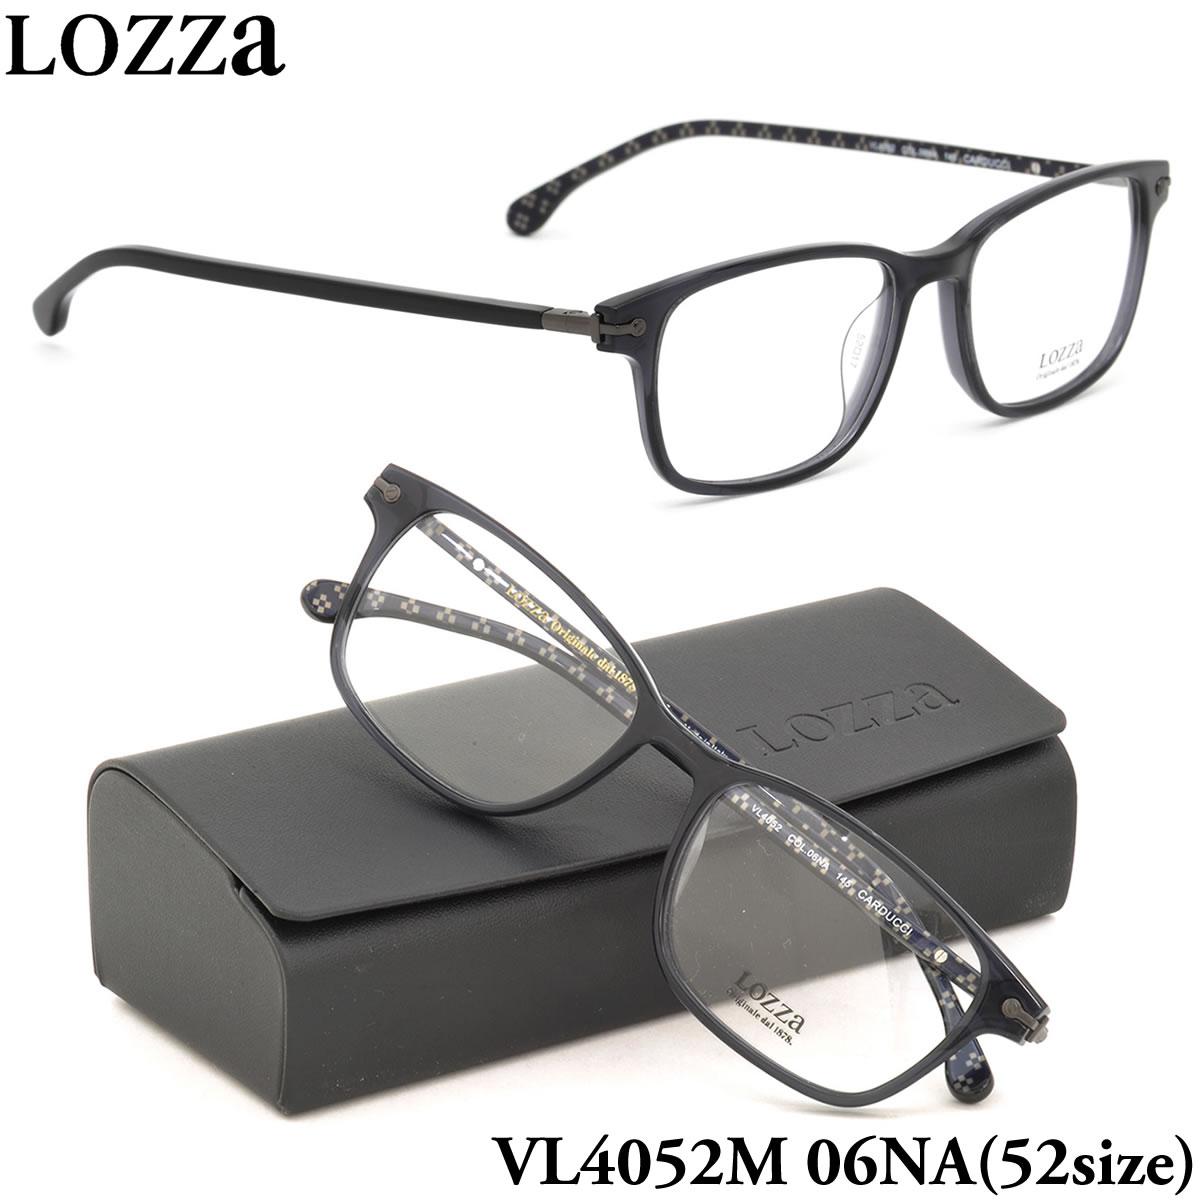 【10月30日からエントリーで全品ポイント20倍】【LOZZA】ロッツァ 眼鏡 メガネ フレーム VL4052M 06NA 52サイズ CARDUCCI バネ丁番 バネ蝶番 スクエア メンズ レディース